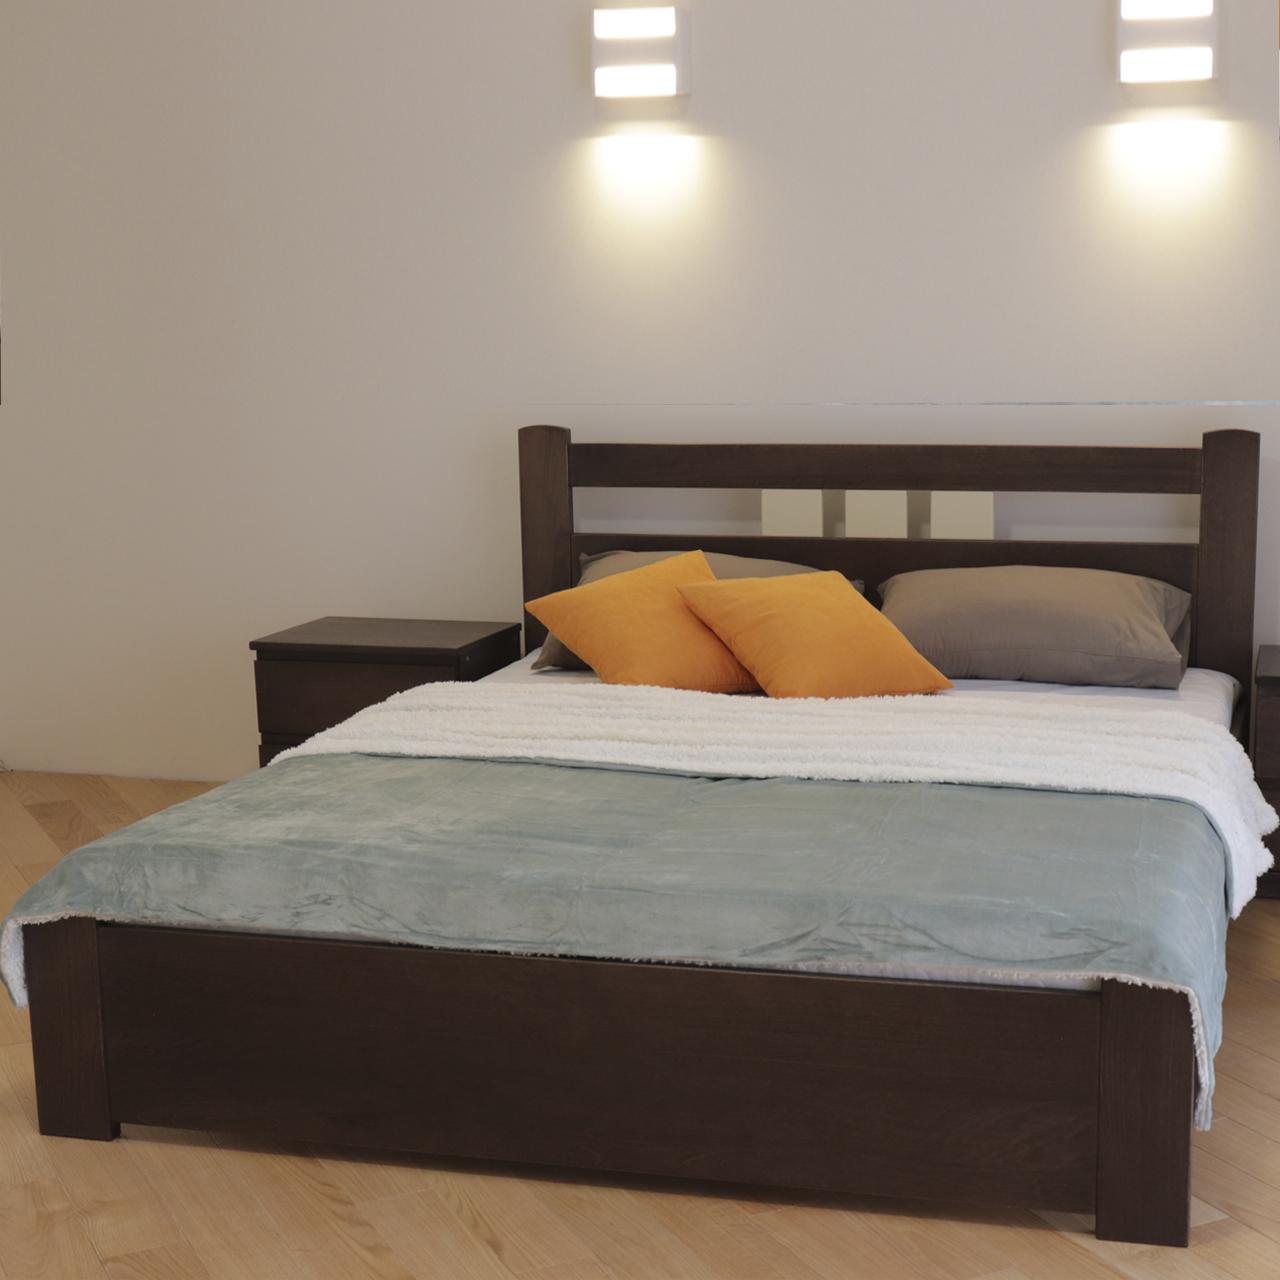 Кровать деревянная двуспальная Геракл с низким изножьем (массив бука)